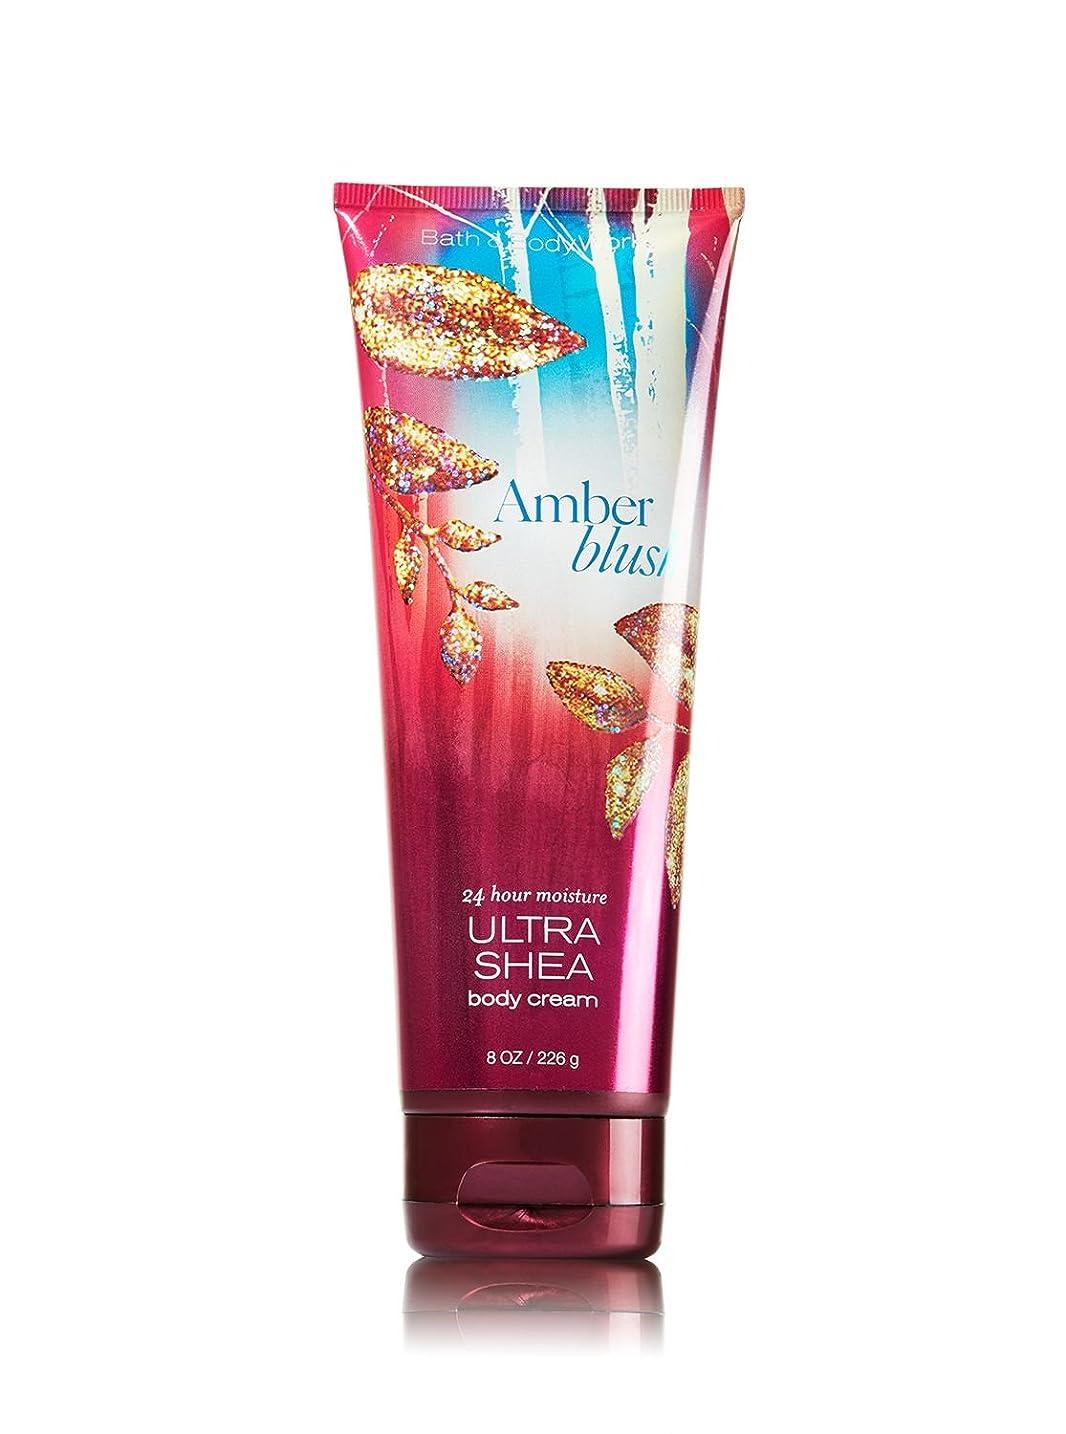 まっすぐ枝キッチン【Bath&Body Works/バス&ボディワークス】 ボディクリーム アンバーブラッシュ Ultra Shea Body Cream Amber Blush 8 oz / 226 g [並行輸入品]